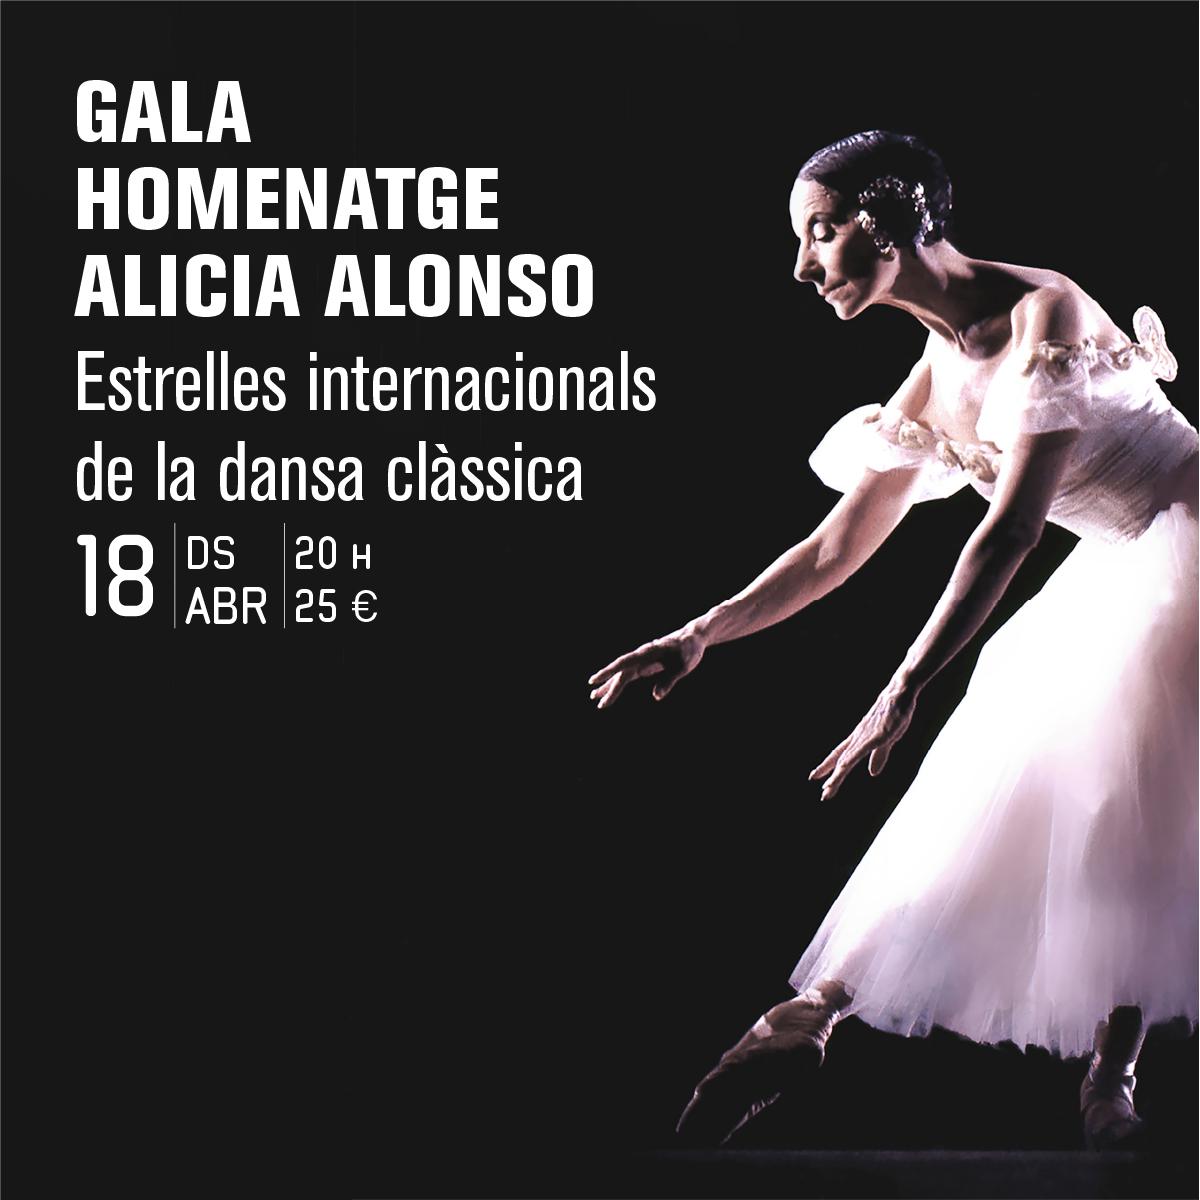 Gala Homenatge Alicia Alonso